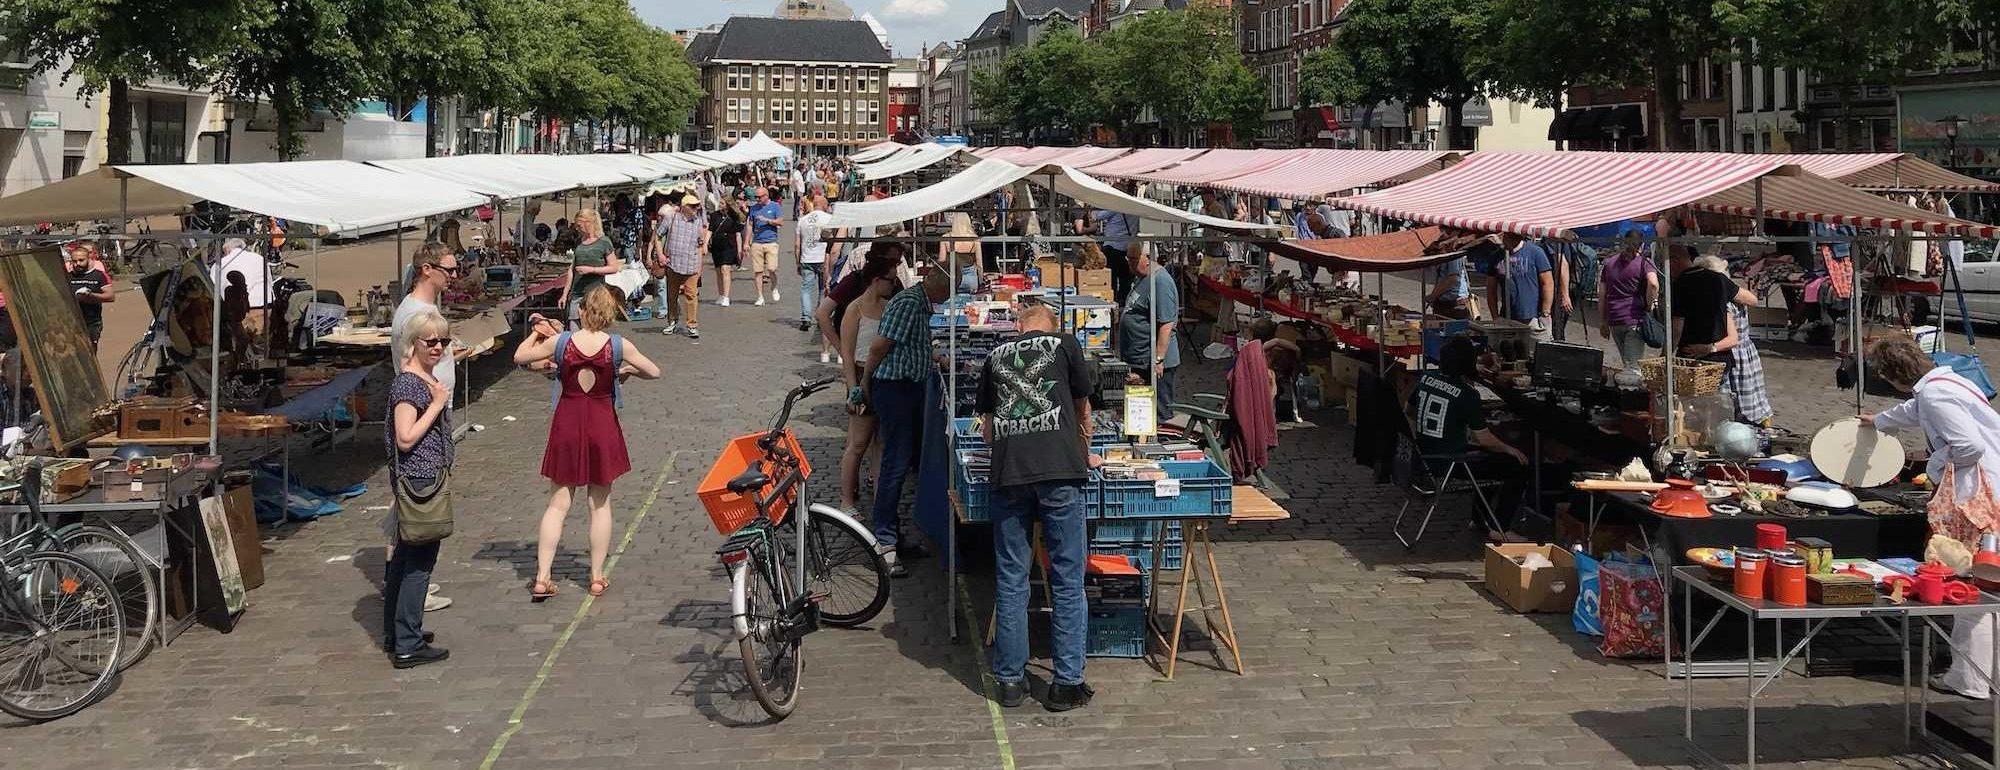 Groningen - Vismarkt - Flohmarkt am Sonntag